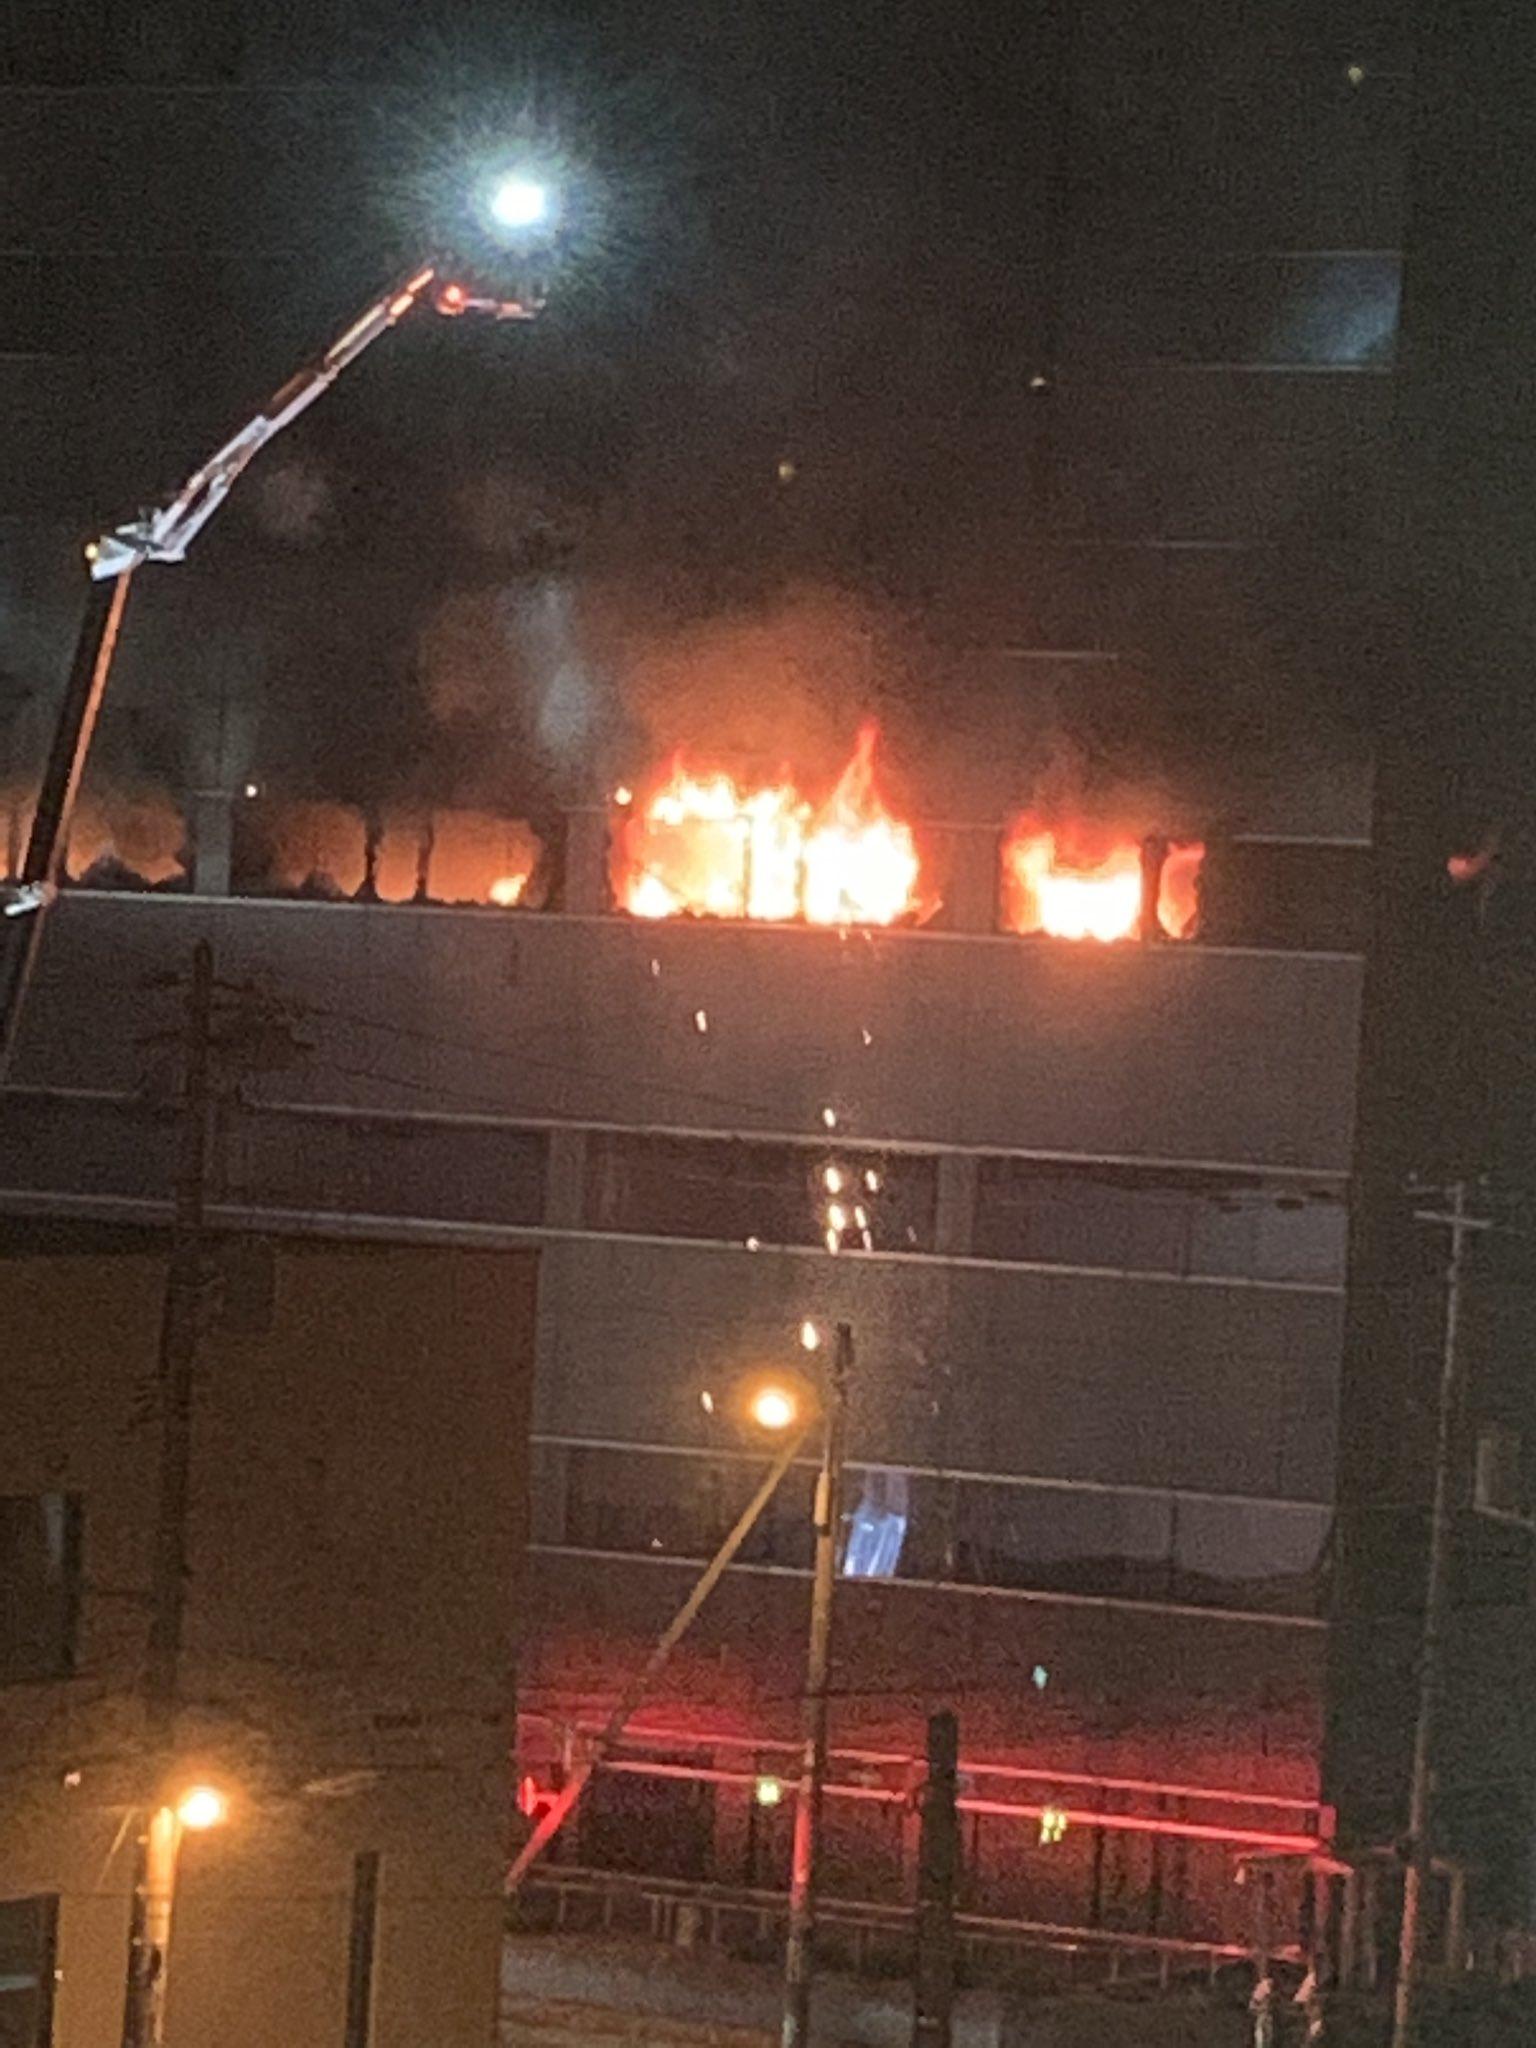 札幌市厚別区厚別中央1条5のビルで大規模な火事が起きた現場の画像